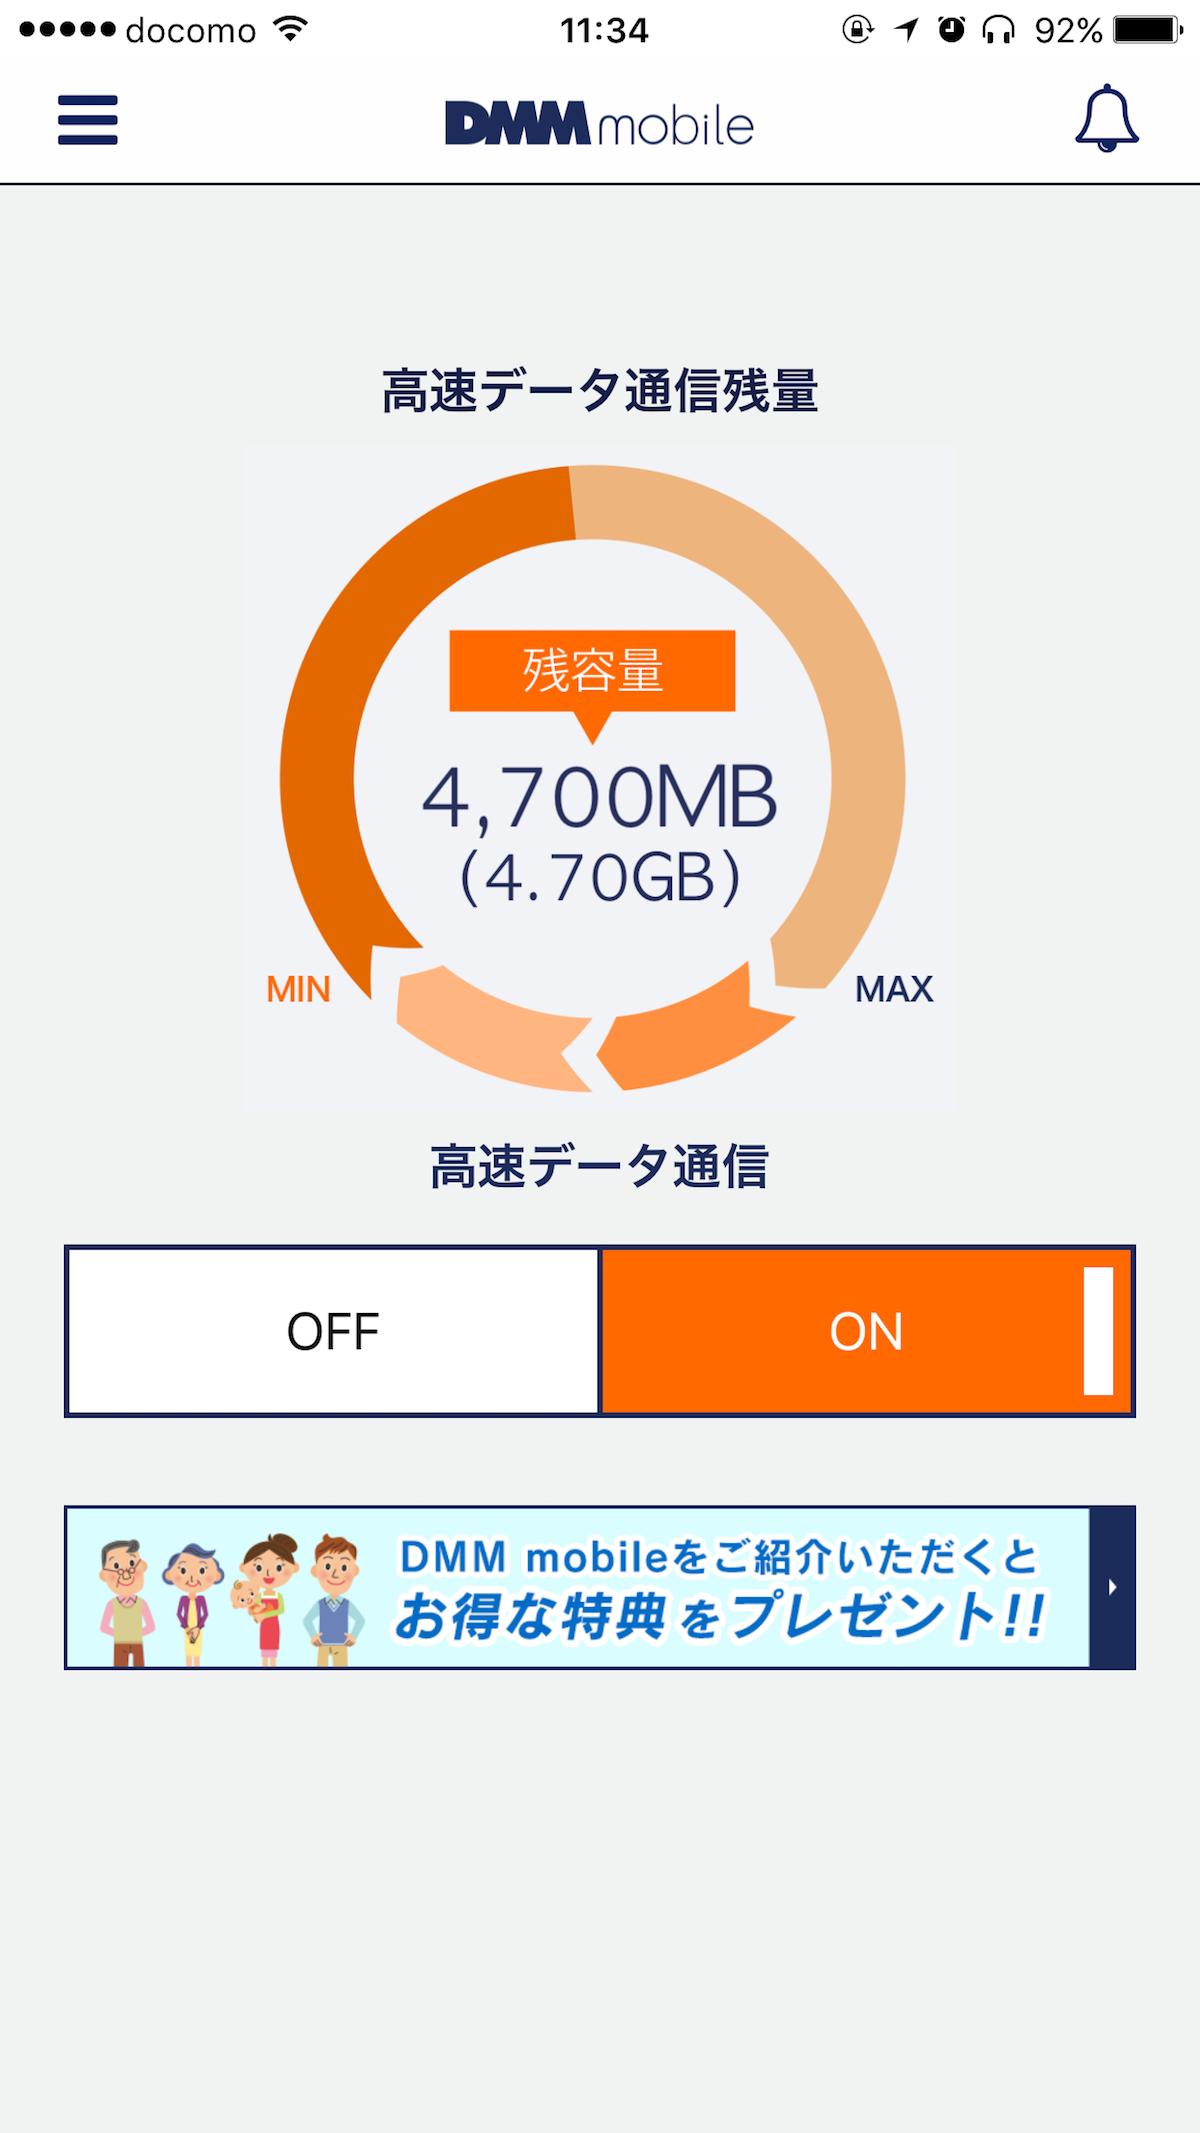 『DMM mobile』の公式アプリは使いやすい!